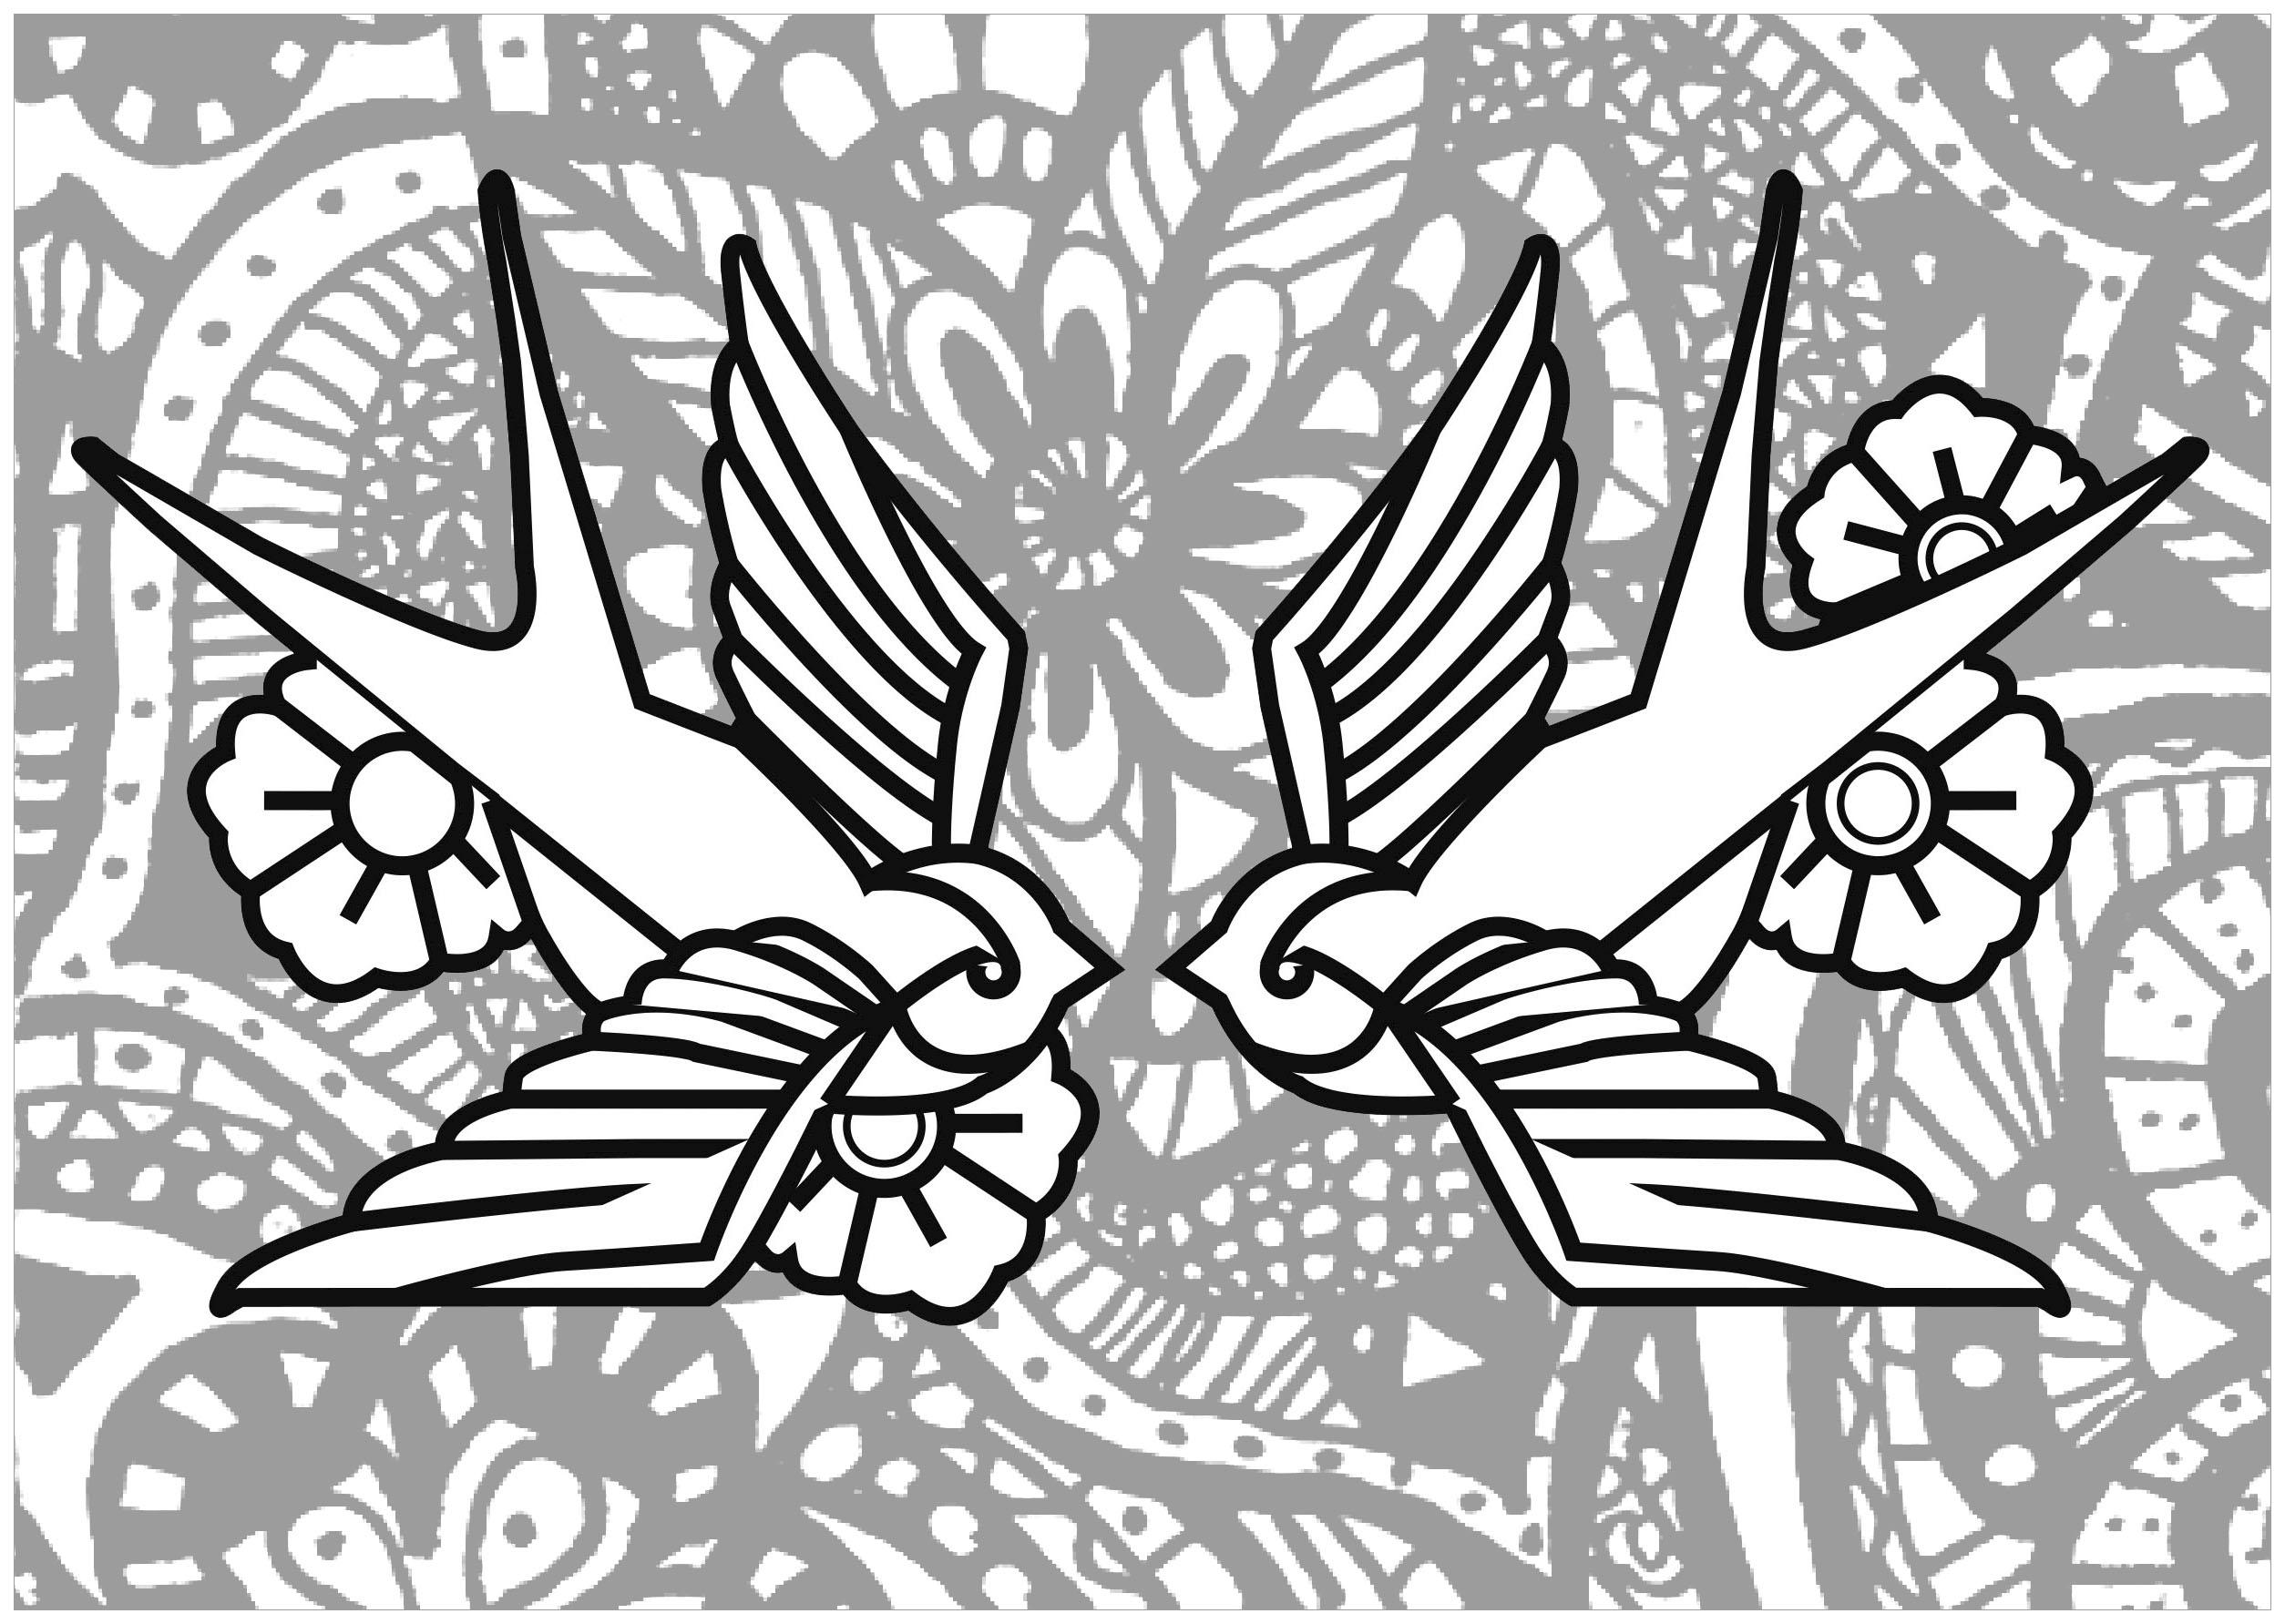 Jolies hirondelles à colorier, avec fond composé de fleurs